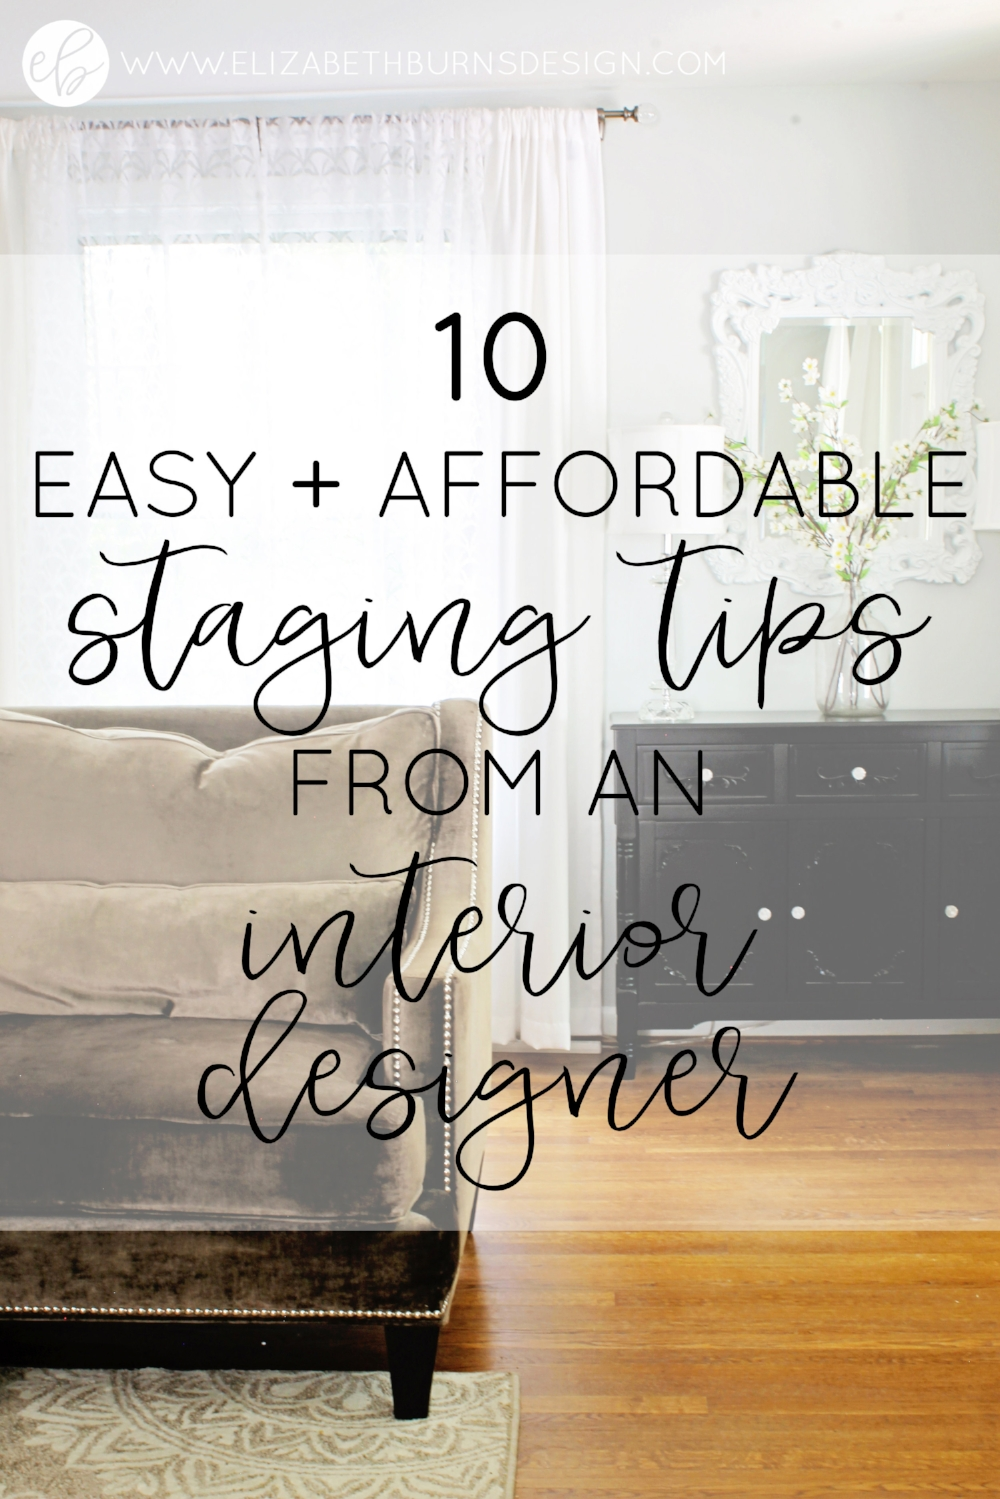 Elizabeth Burns Design | 10 Easy and Affordable Real Estate Staging Tips from an Interior Designer